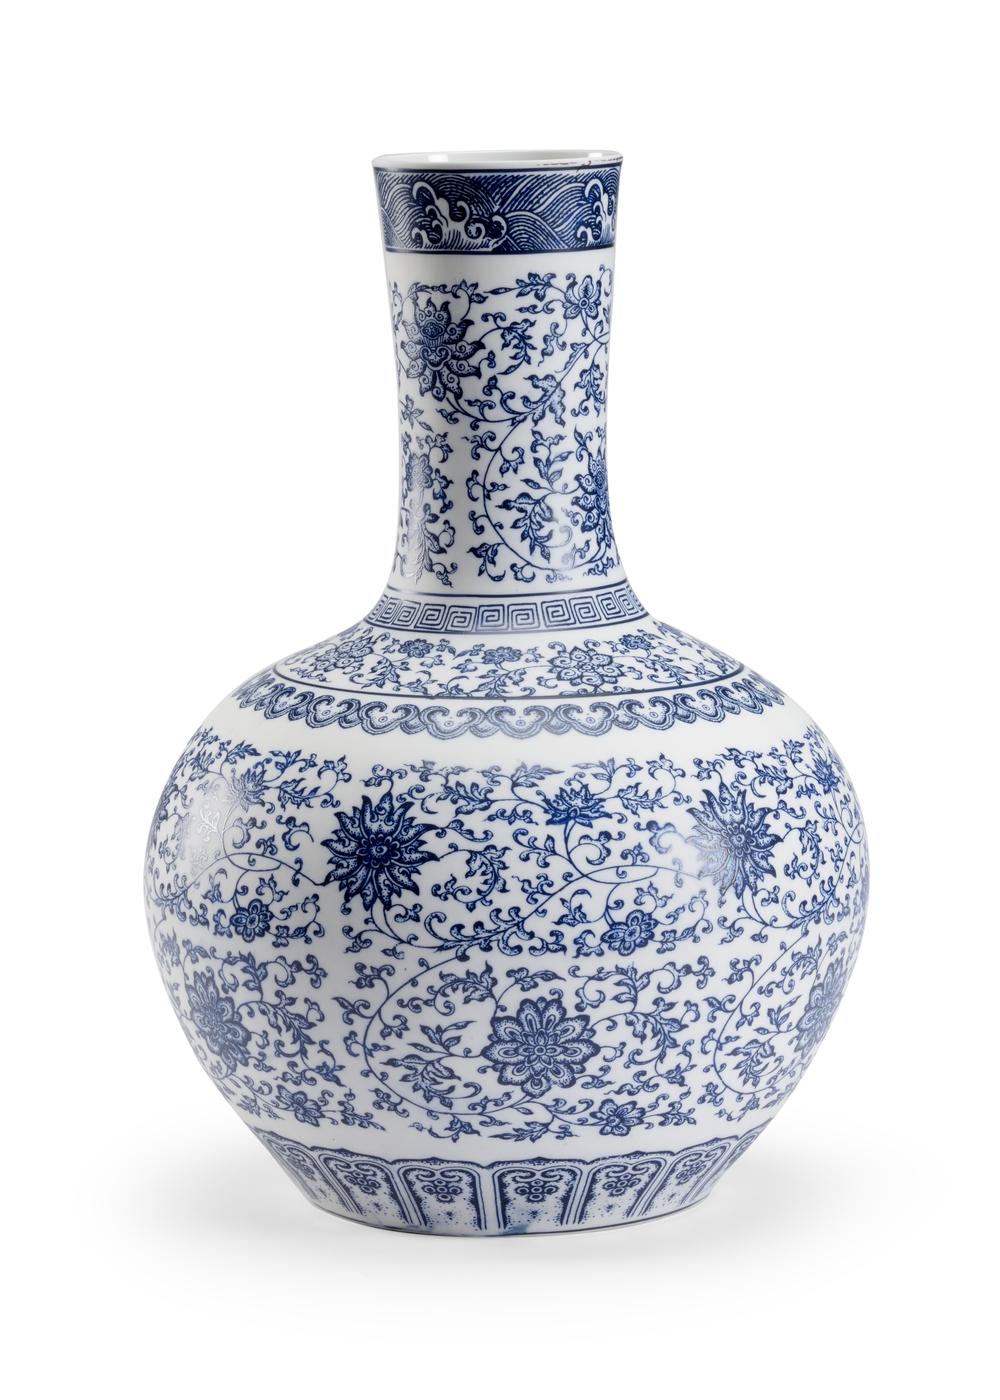 Chelsea House - Edo Vase